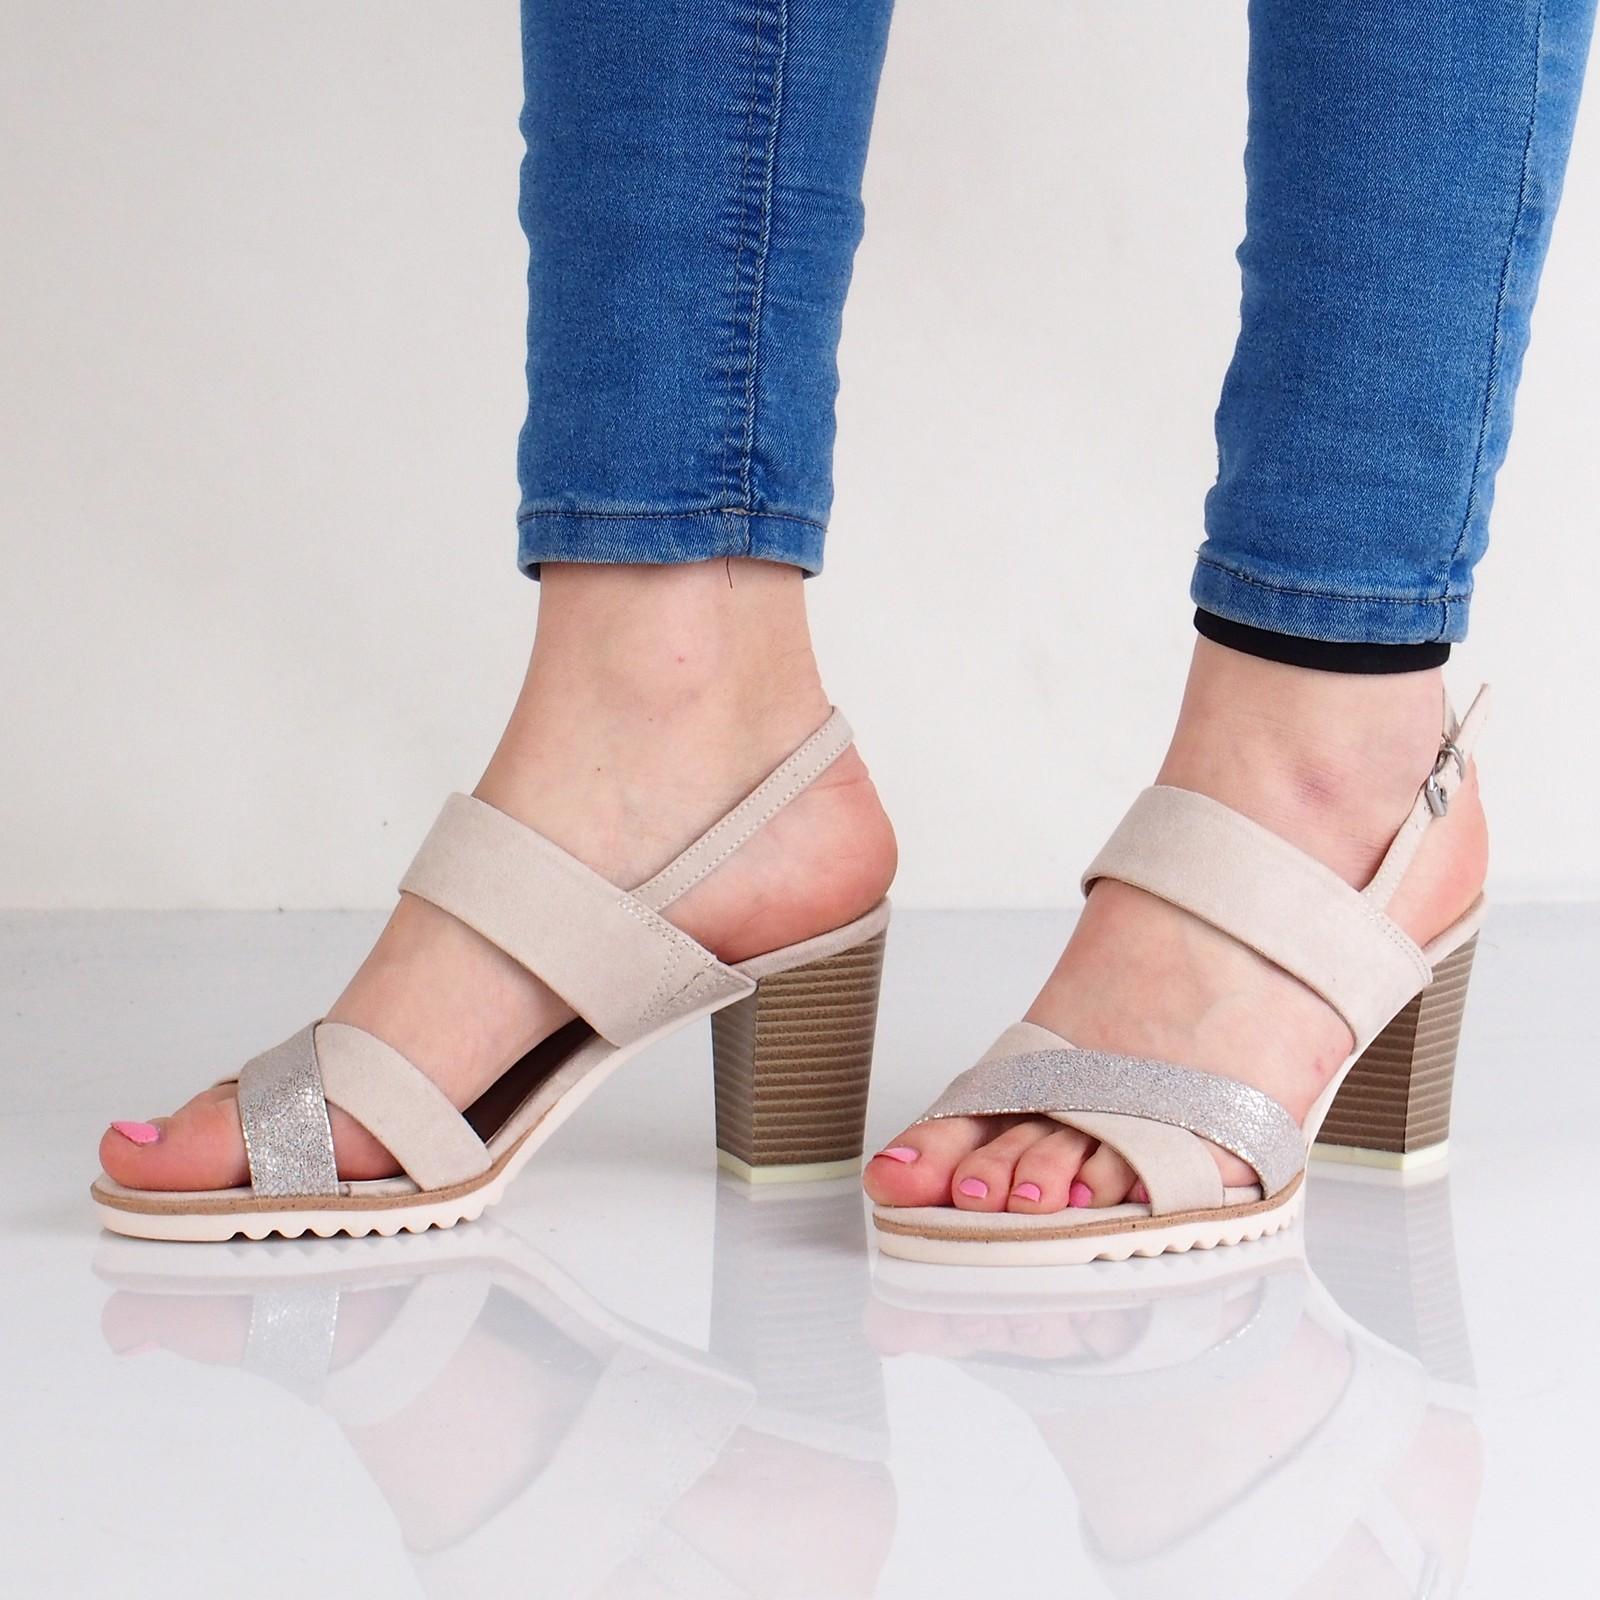 f5dc7609dc Marco Tozzi dámske sandále na podpätku - béžové ...